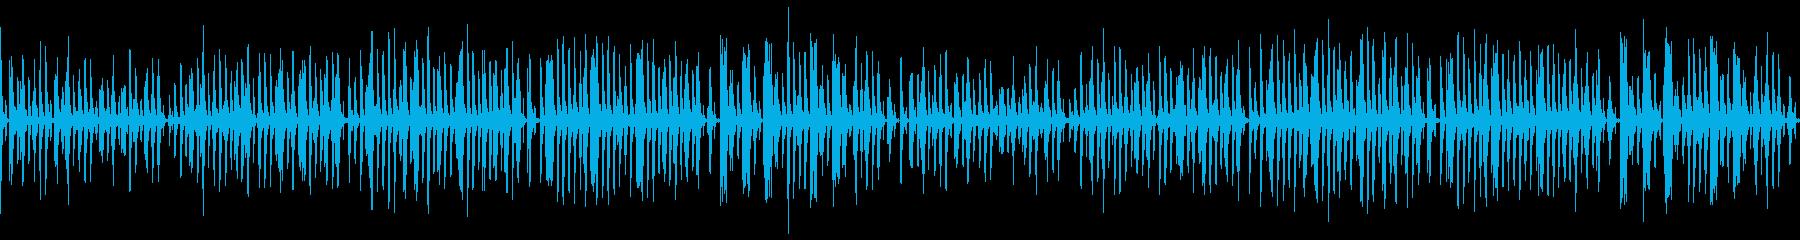 動画向けのほのぼのとした日常系木管ピアノの再生済みの波形